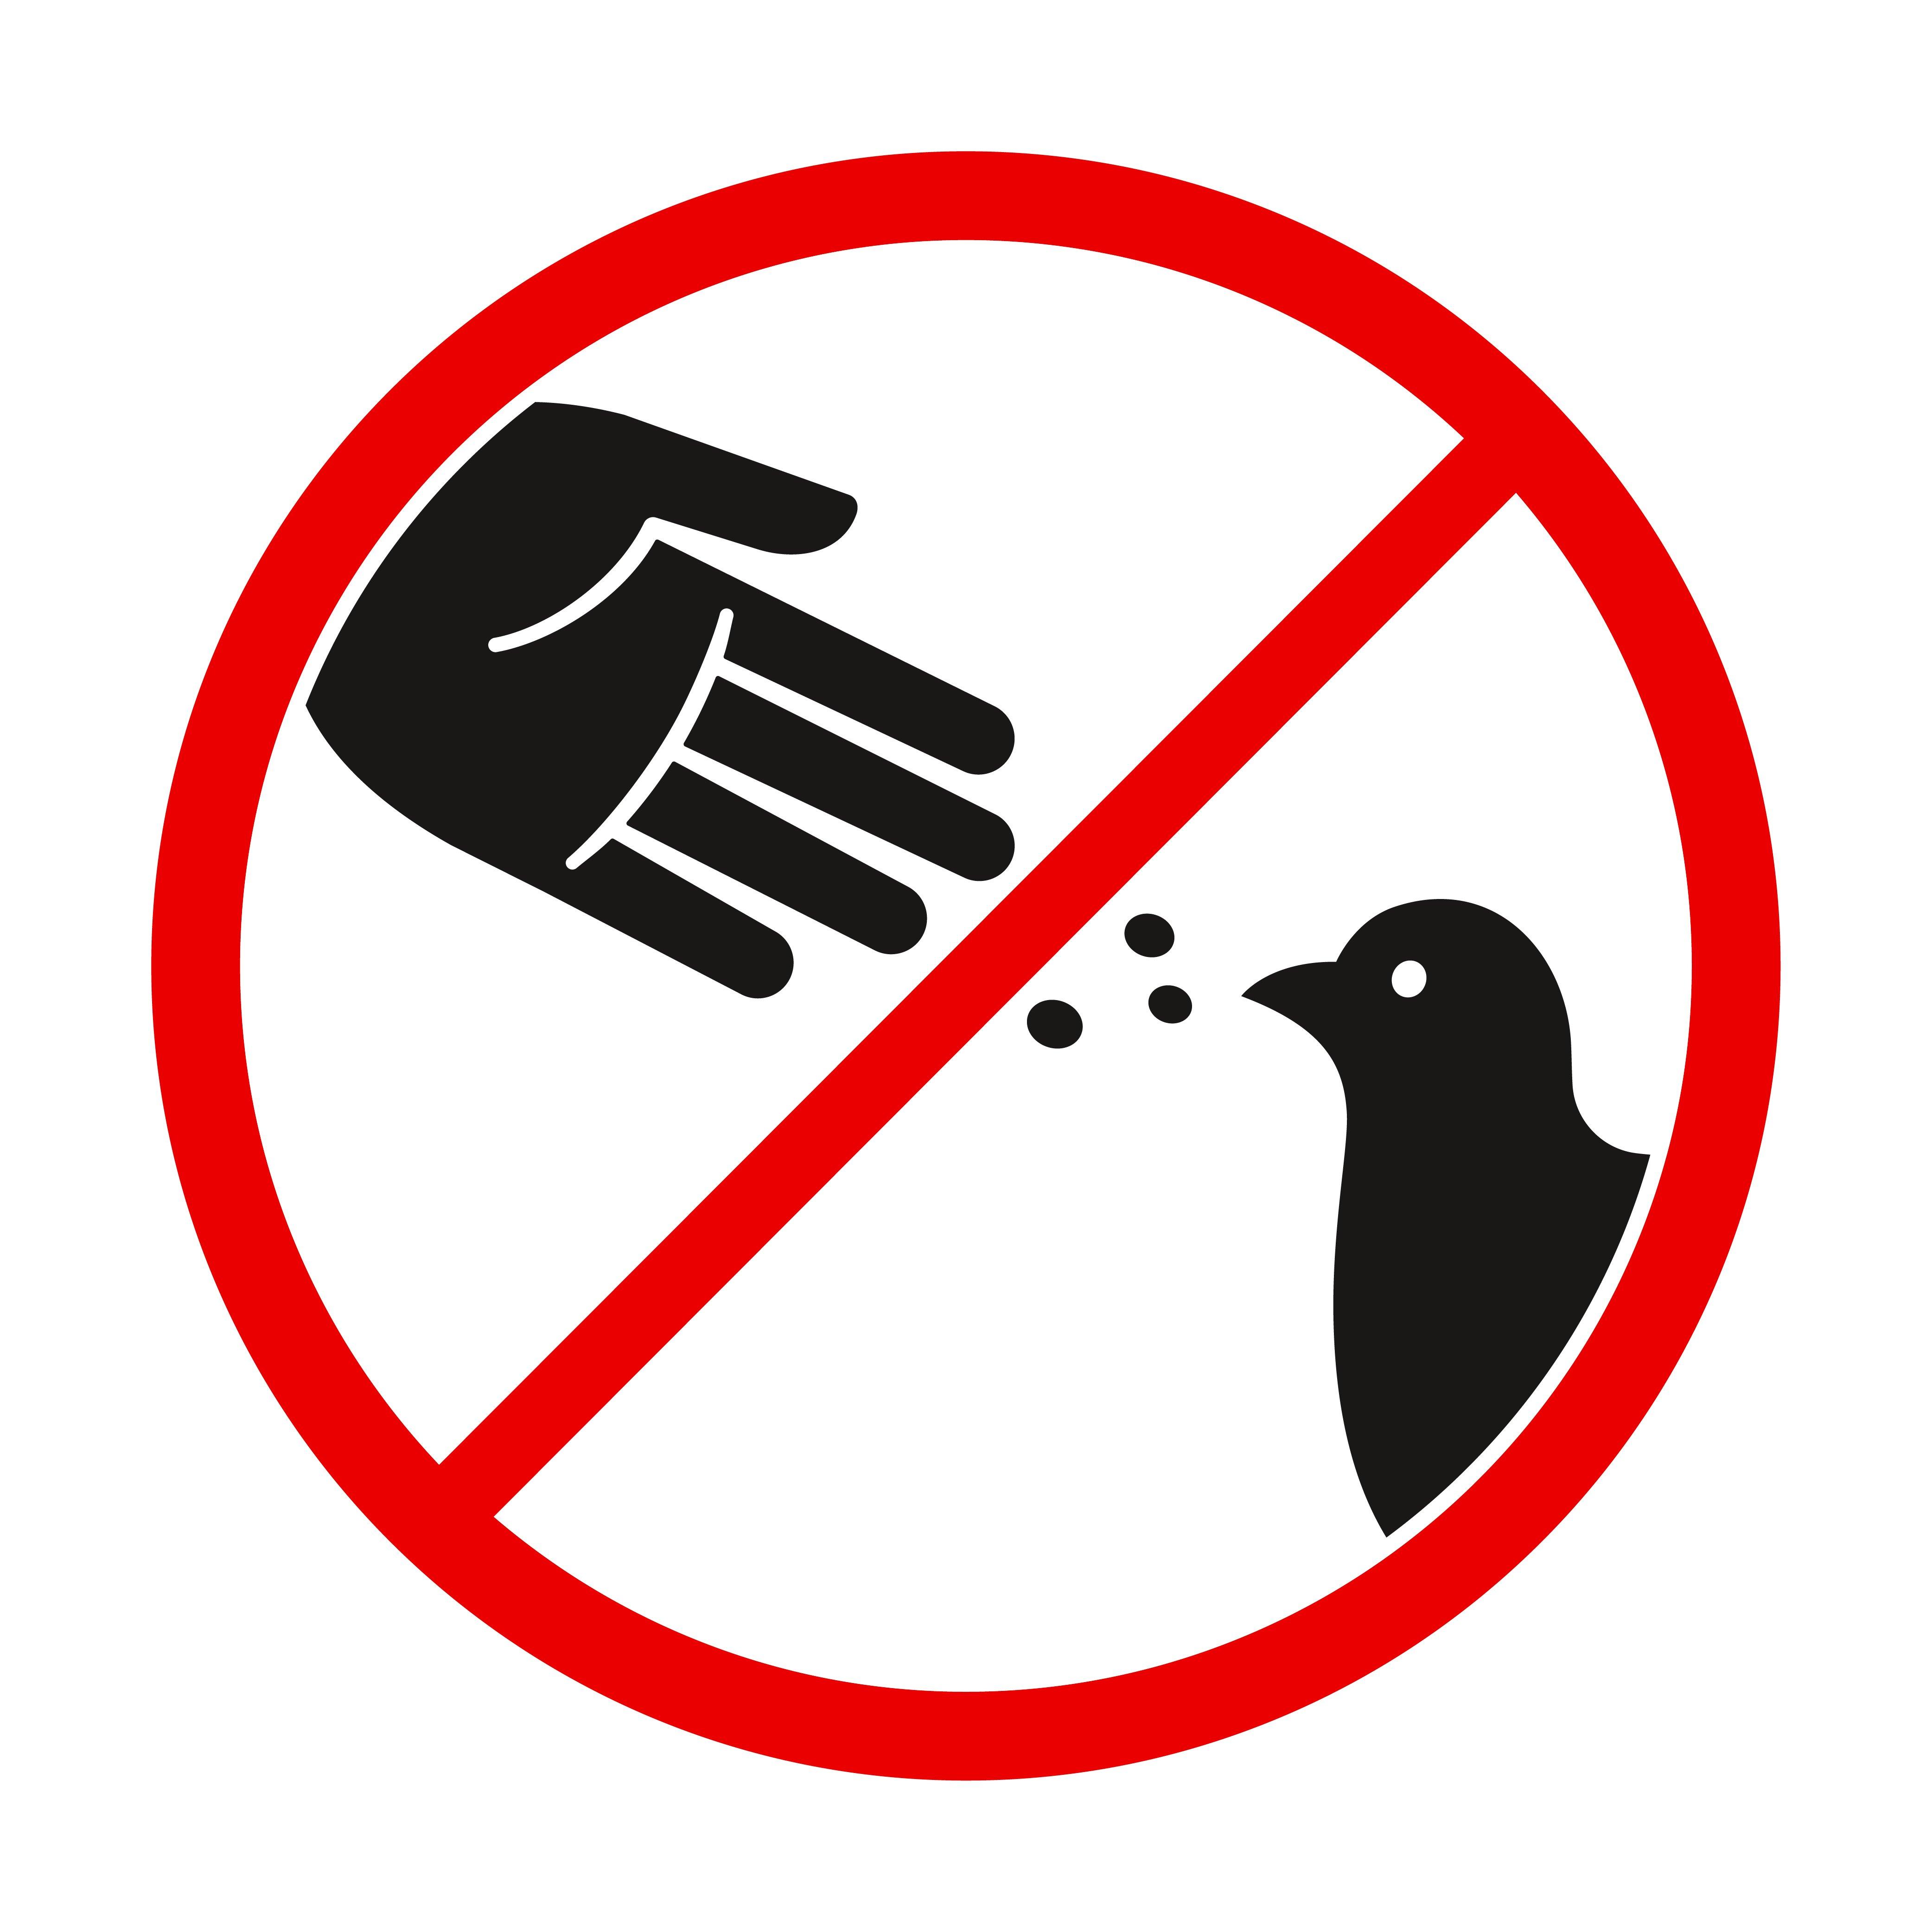 Letrero de no alimentar a las palomas.    Fuente: Shutterstock